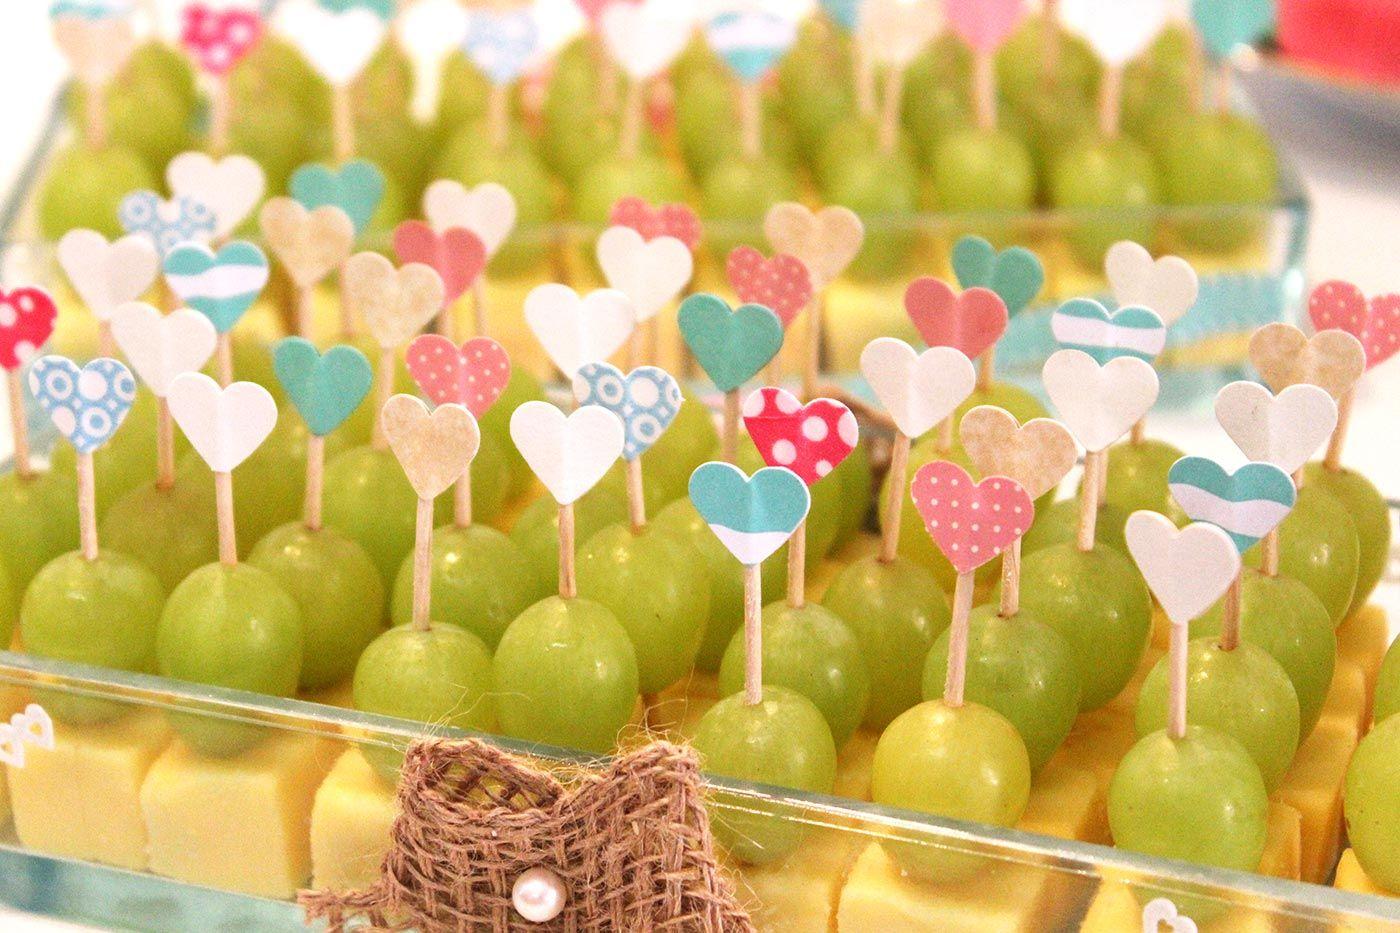 Fingerfood-Ideen zum Sektempfang für die Hochzeit | süß oder herzhaft